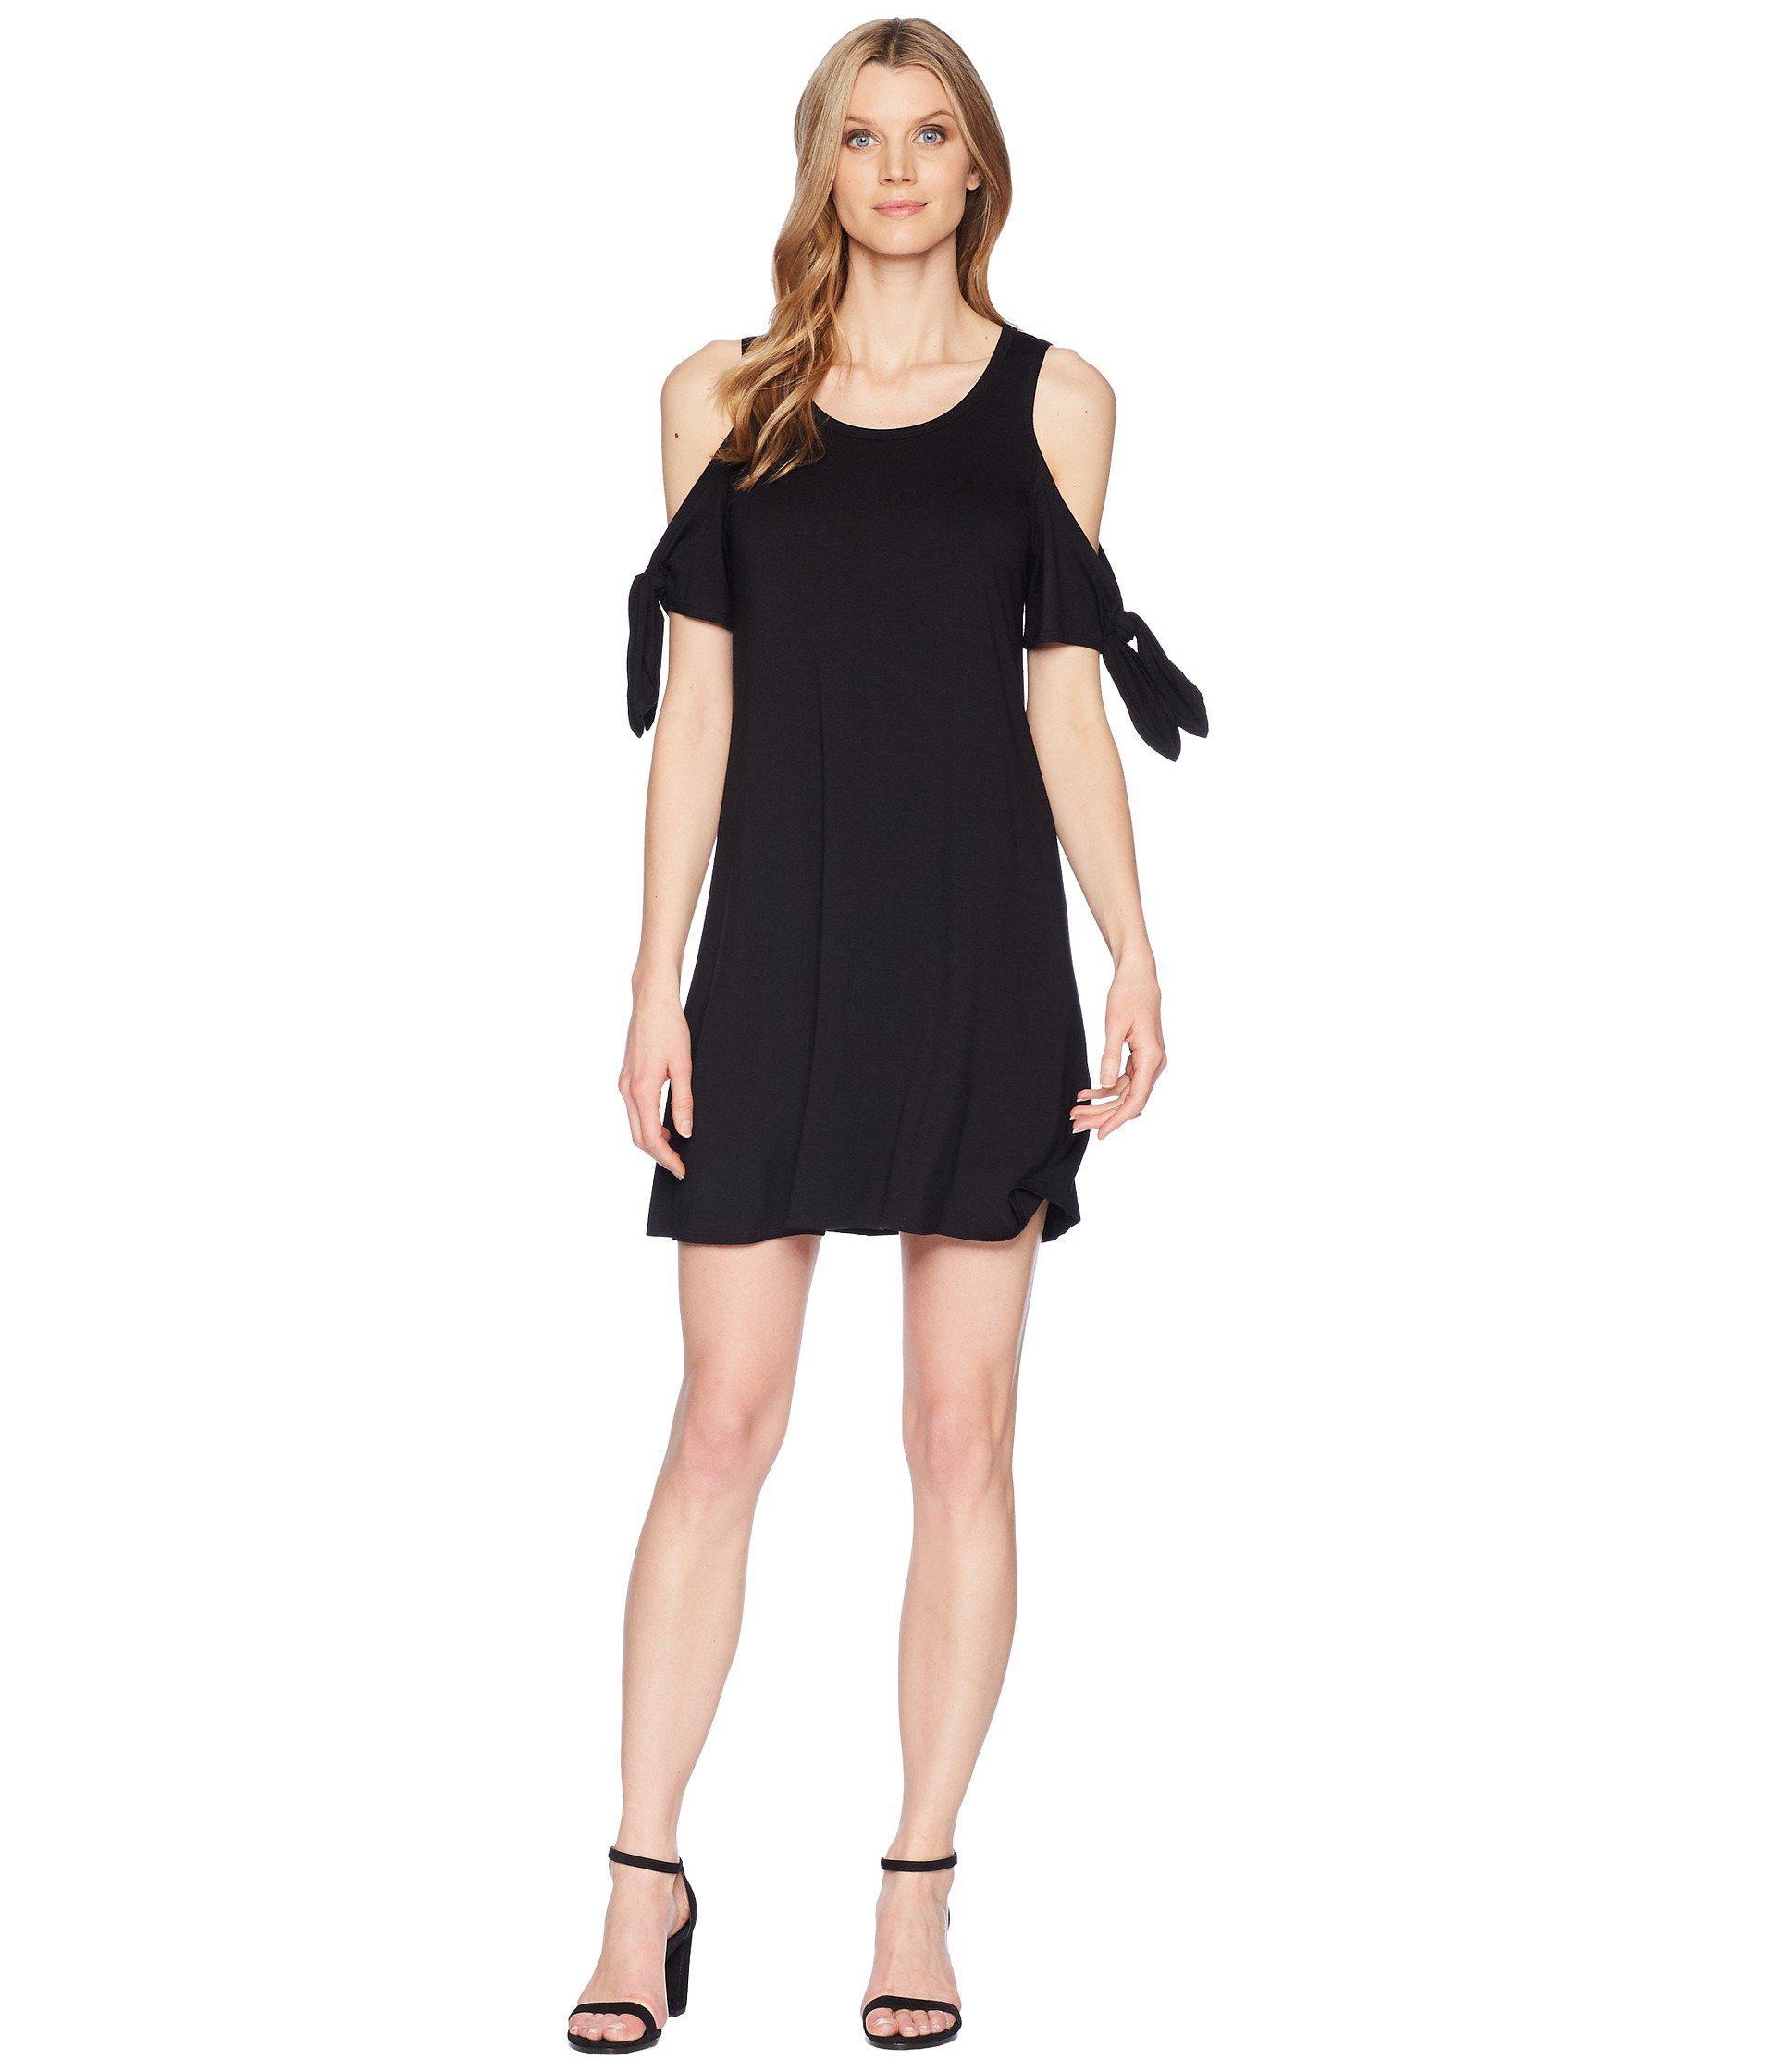 c848753bb1c Lyst - Karen Kane Cold Shoulder Knot Dress in Black - Save ...